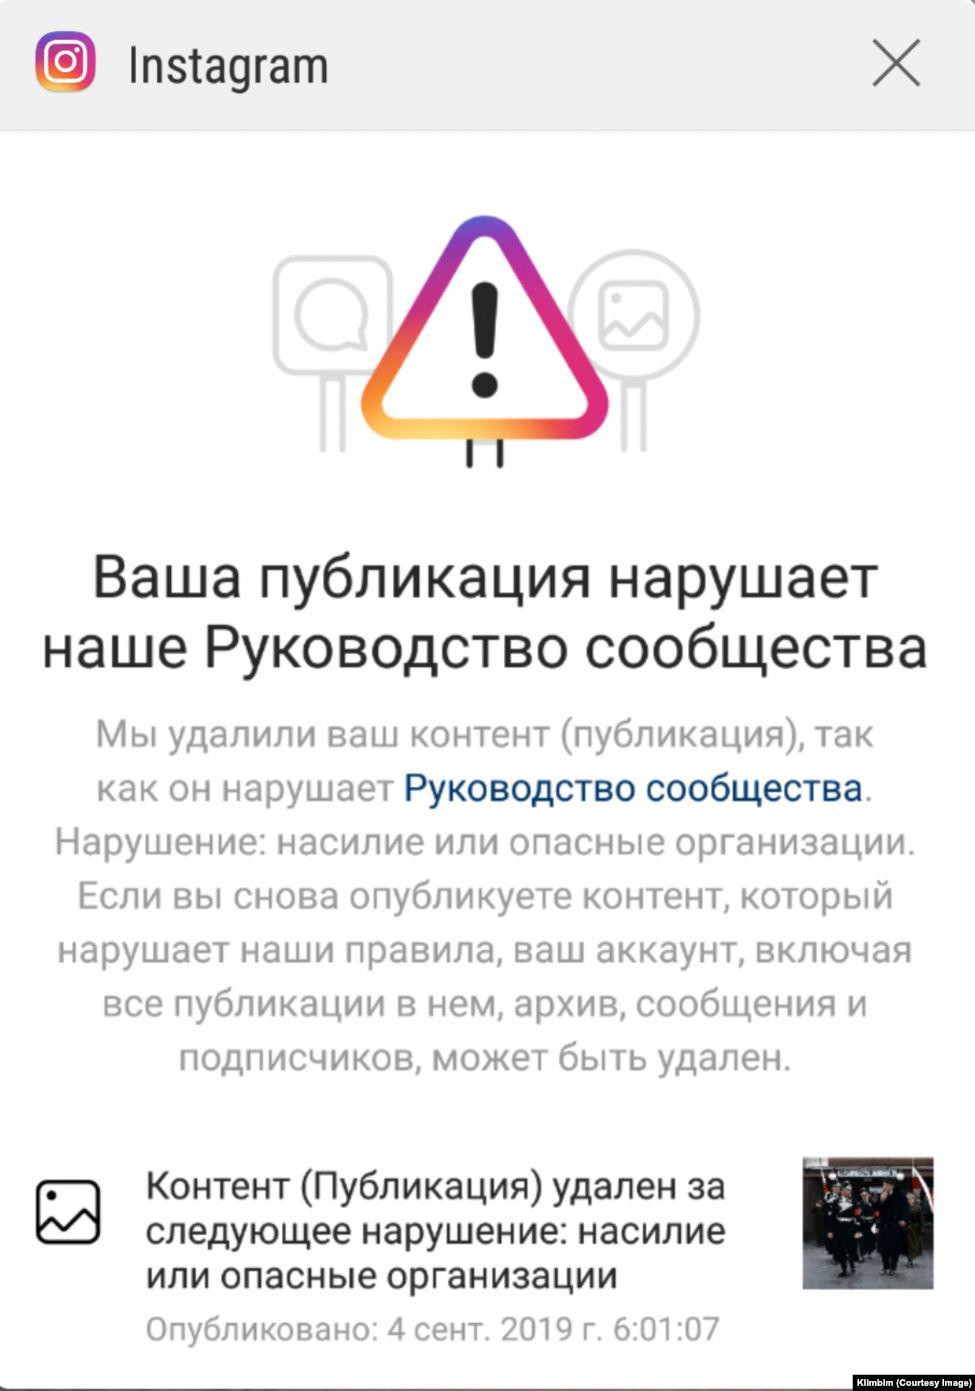 Peringatan Instagram kepada Olga Shirnina